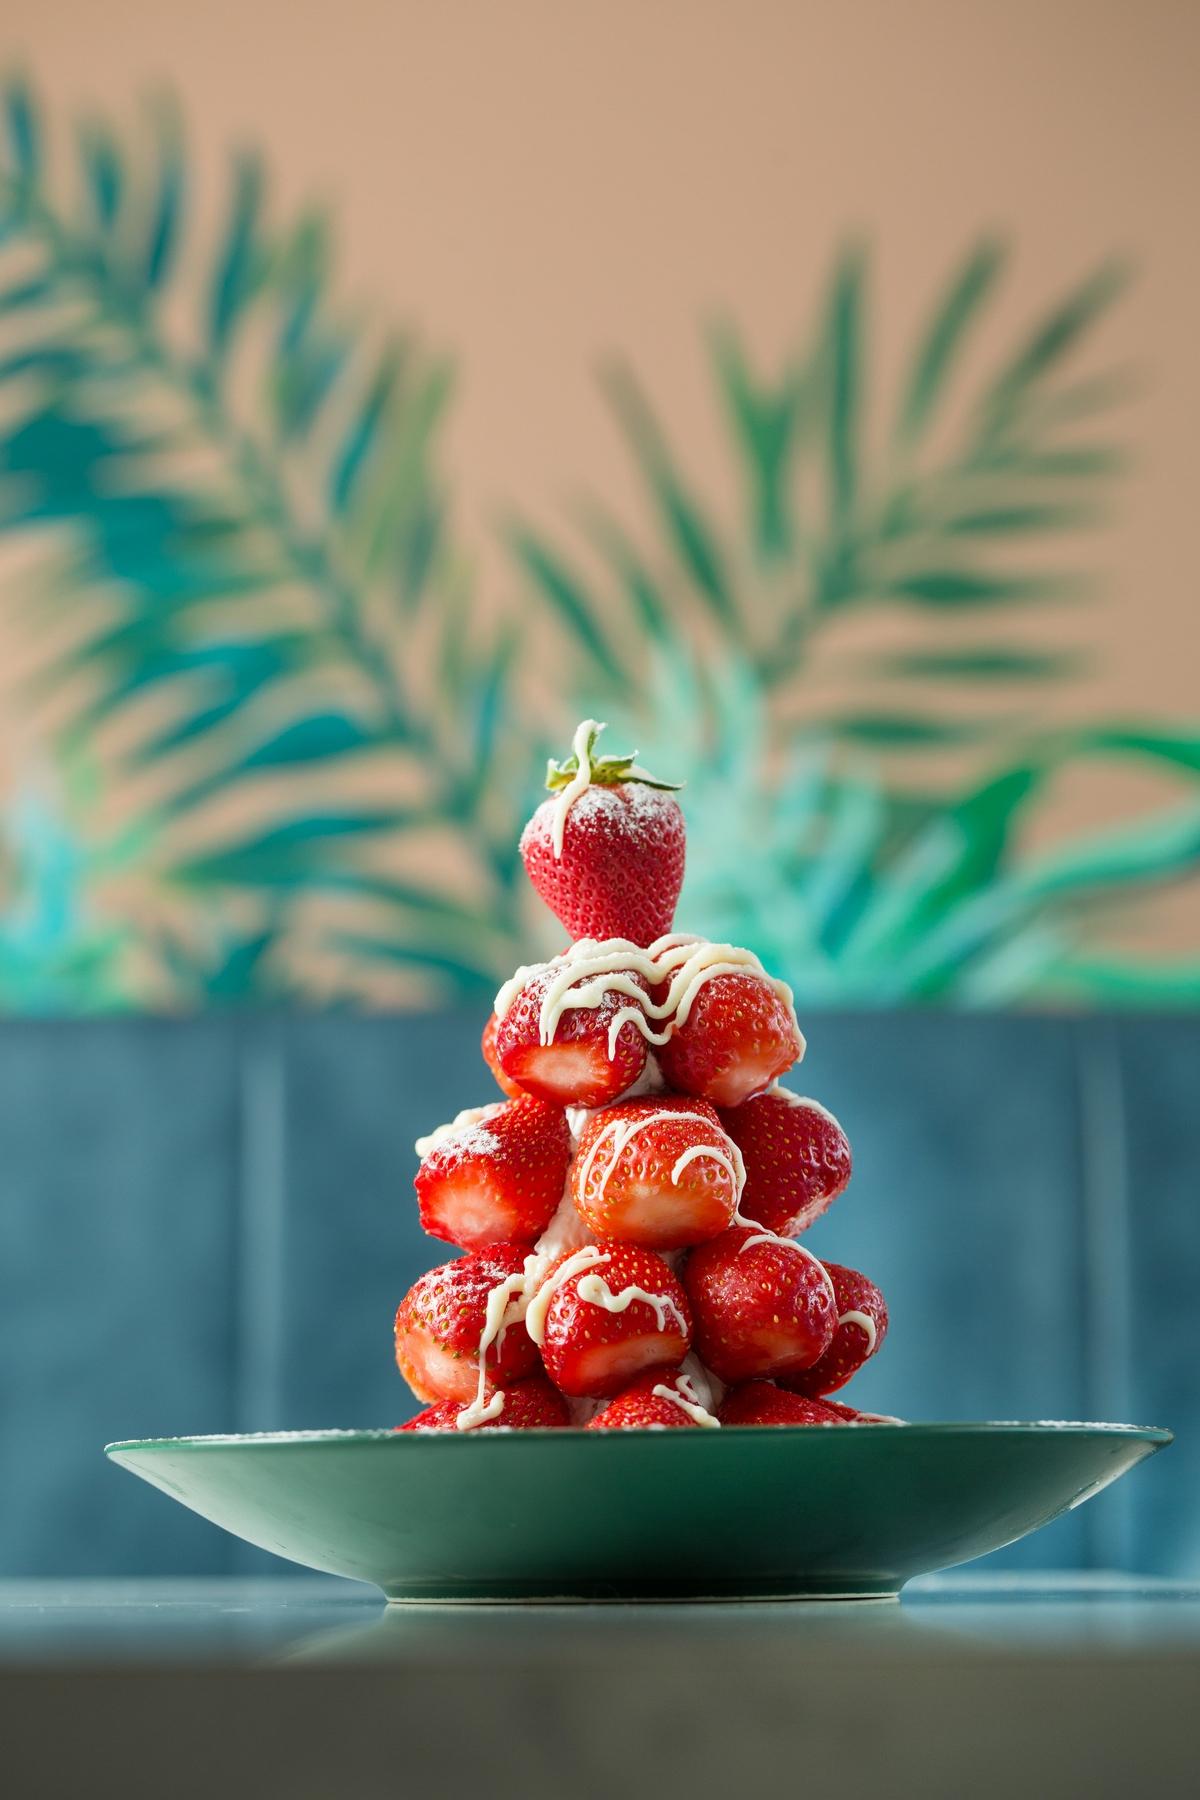 連假必吃!神話金字塔、澎拜草莓山…4款超浮誇甜點推薦,沒嘗過怎麼叫人生